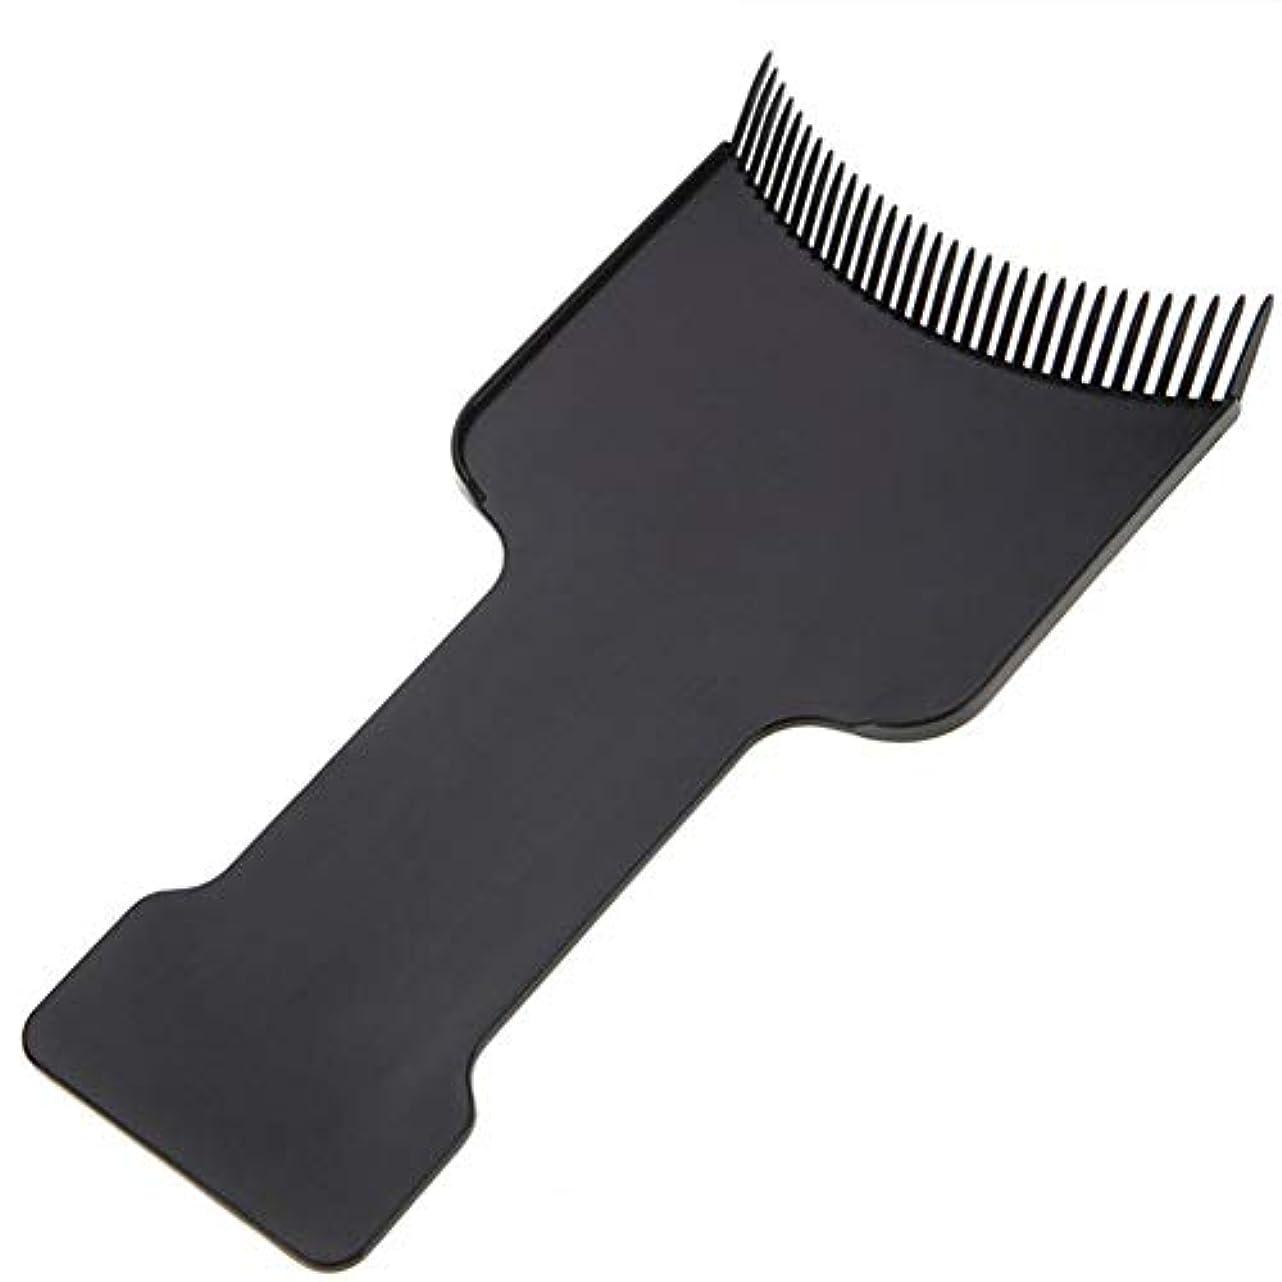 静脈拡張者AIMERKUP 理髪サロンヘアカラーリング染色ボードヘアトリートメントケアピックカラーボードくし理髪ツール frugal friendly